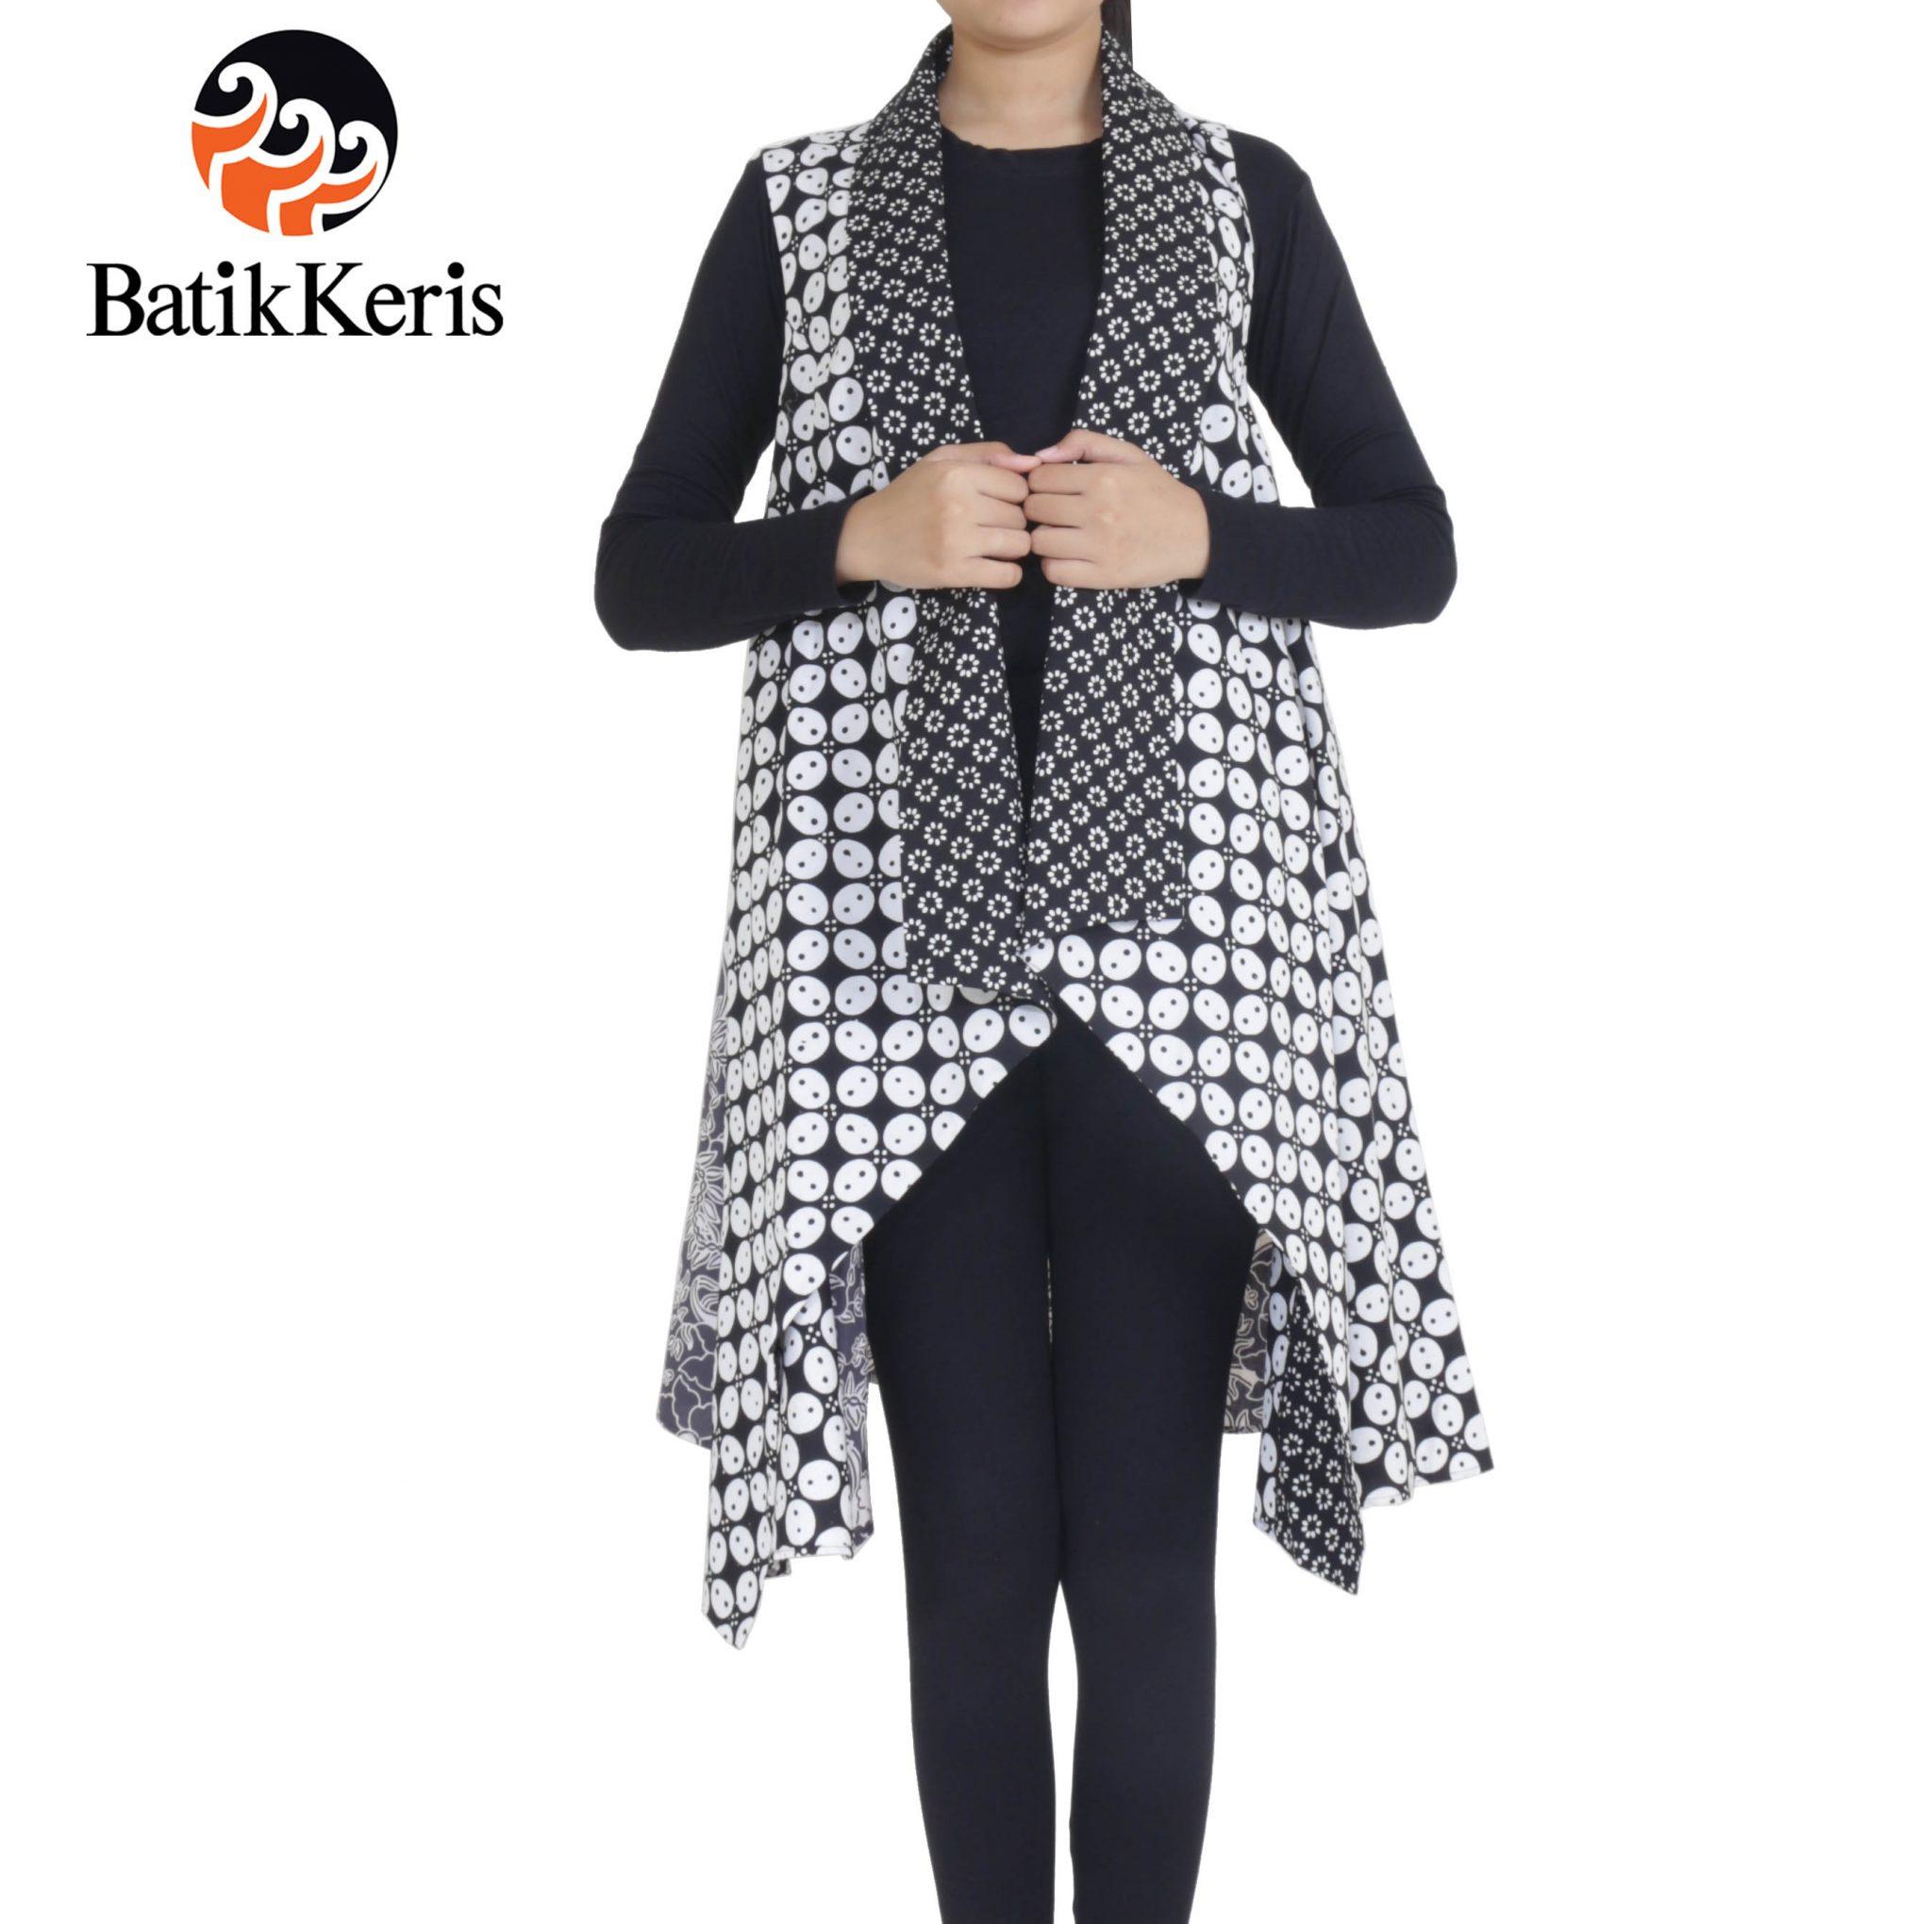 Facebook Batik Keris: Kain Batik Untuk Pakaian Wanita Modern